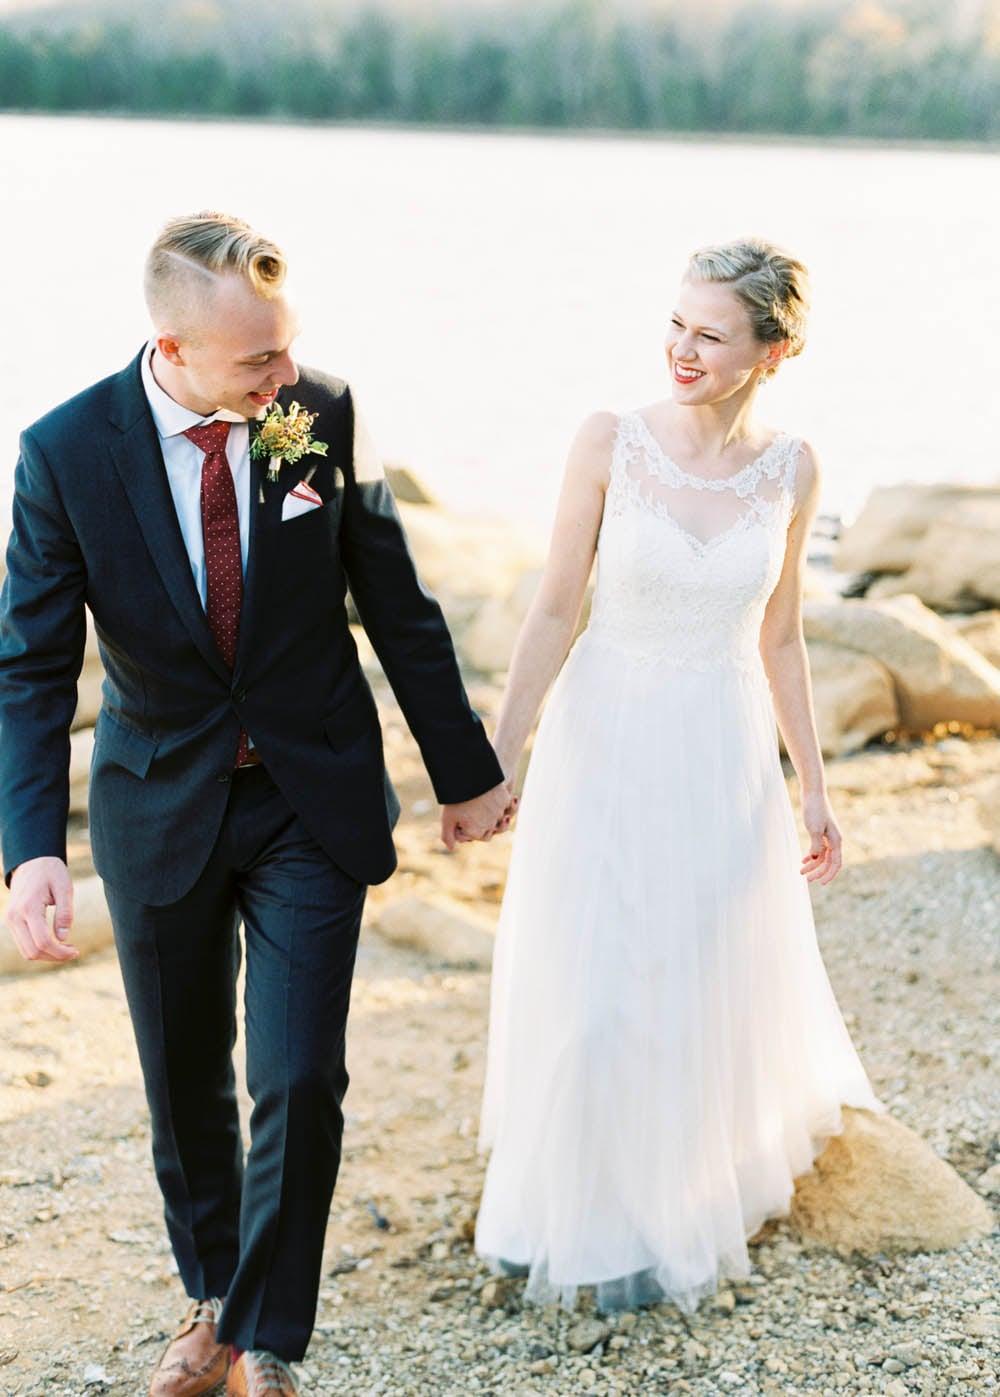 MariaLamb-Branden-Sammi-Wedding551.jpg